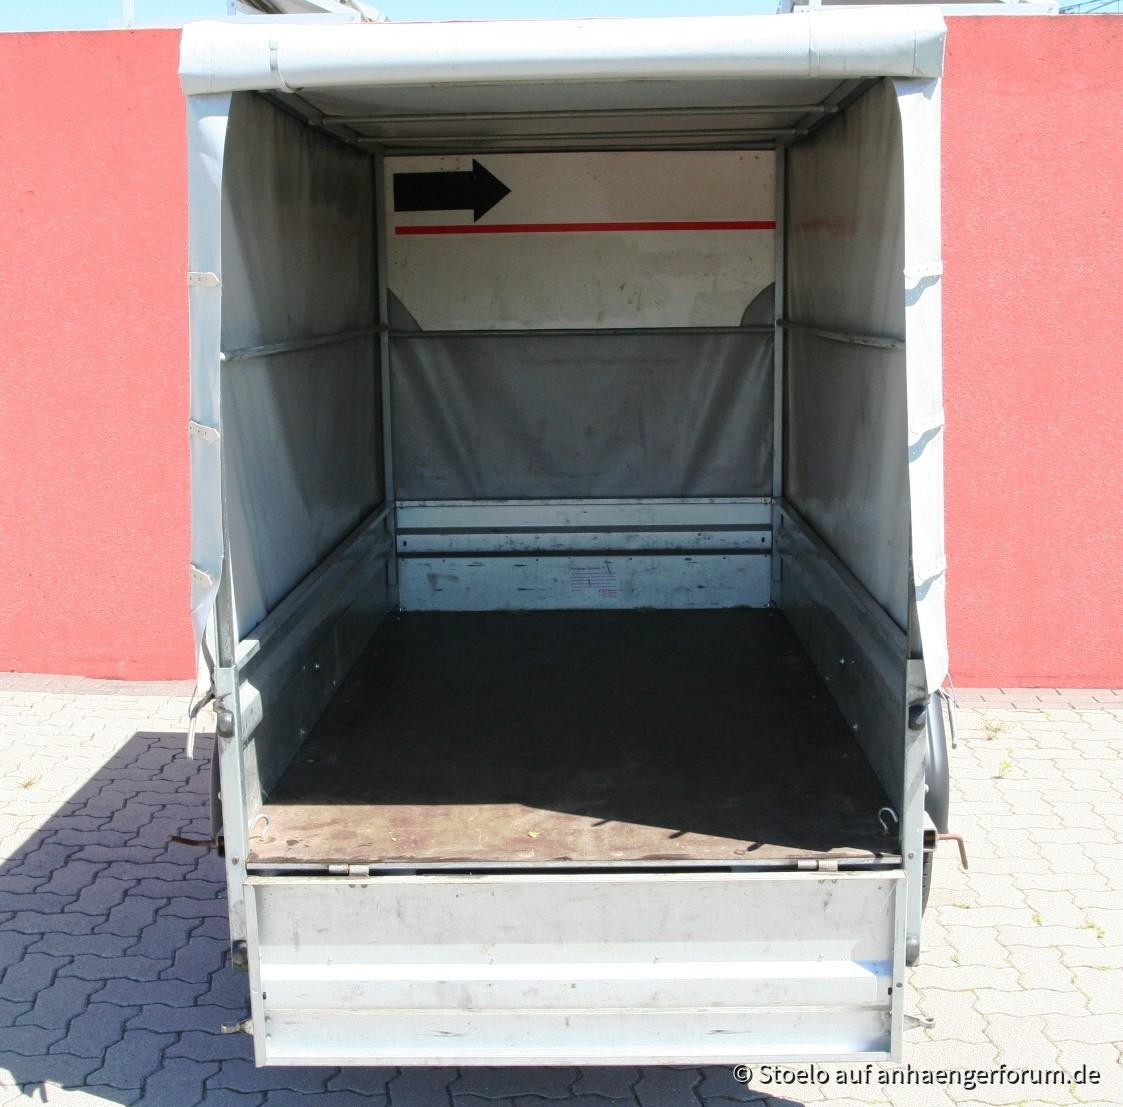 Auch hier mit Schutzplatte, damit die Plane nicht durch den Fahrtwind in den Anhänger gedrückt wird.